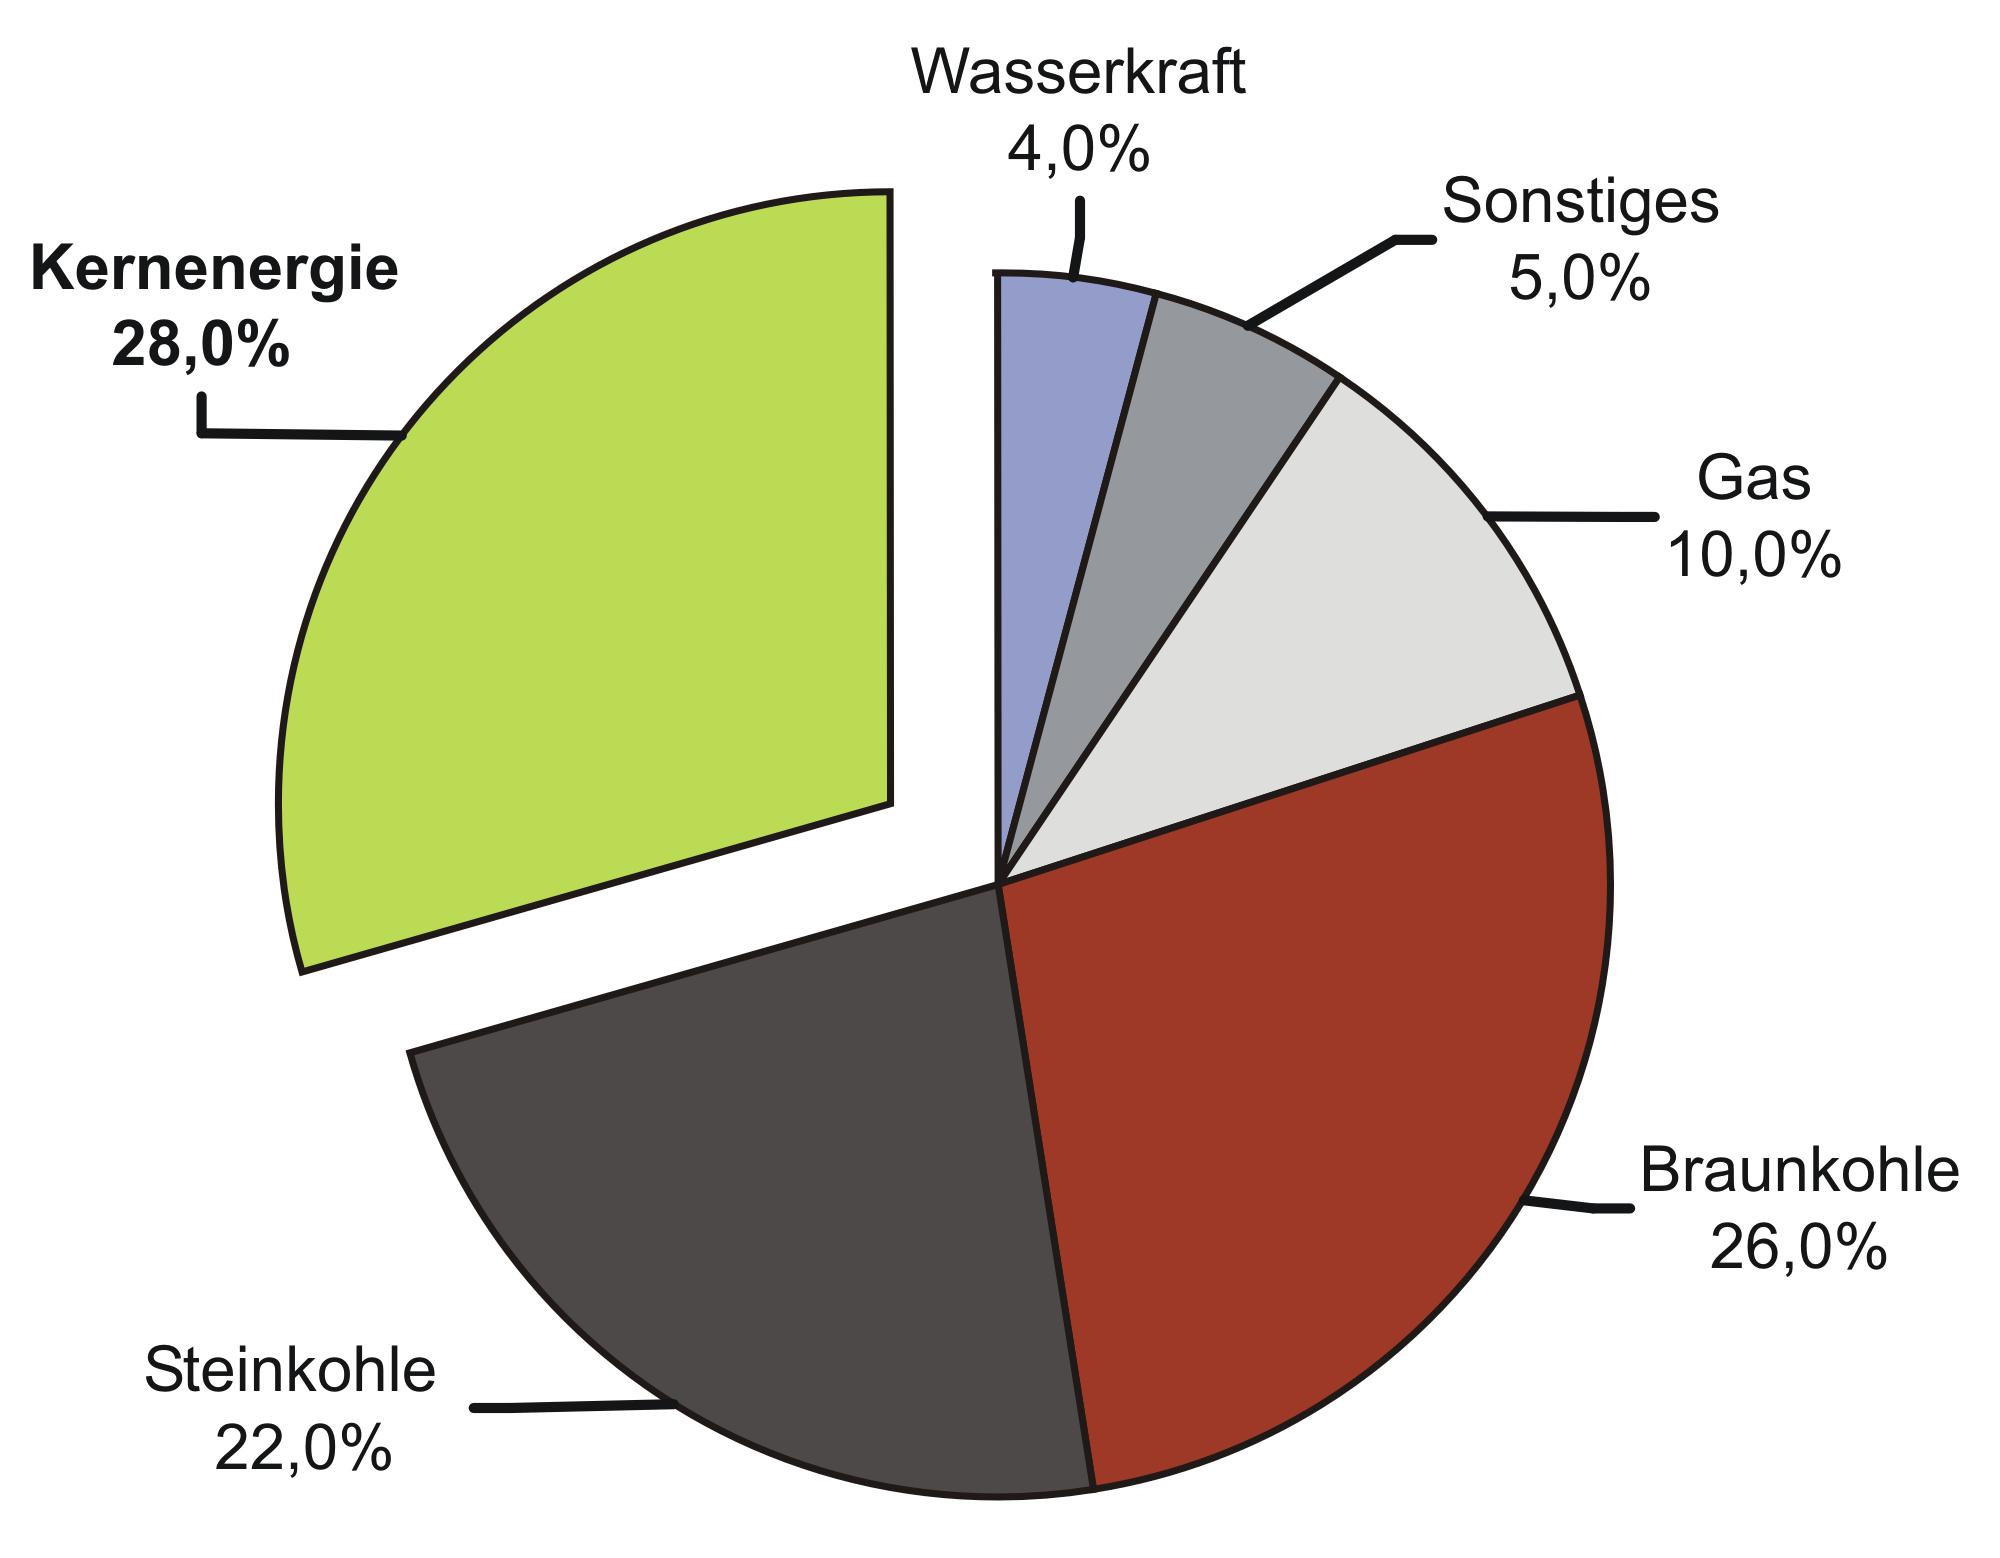 File:Energieerzeugung in Deutschland 2004.png - Wikimedia Commons